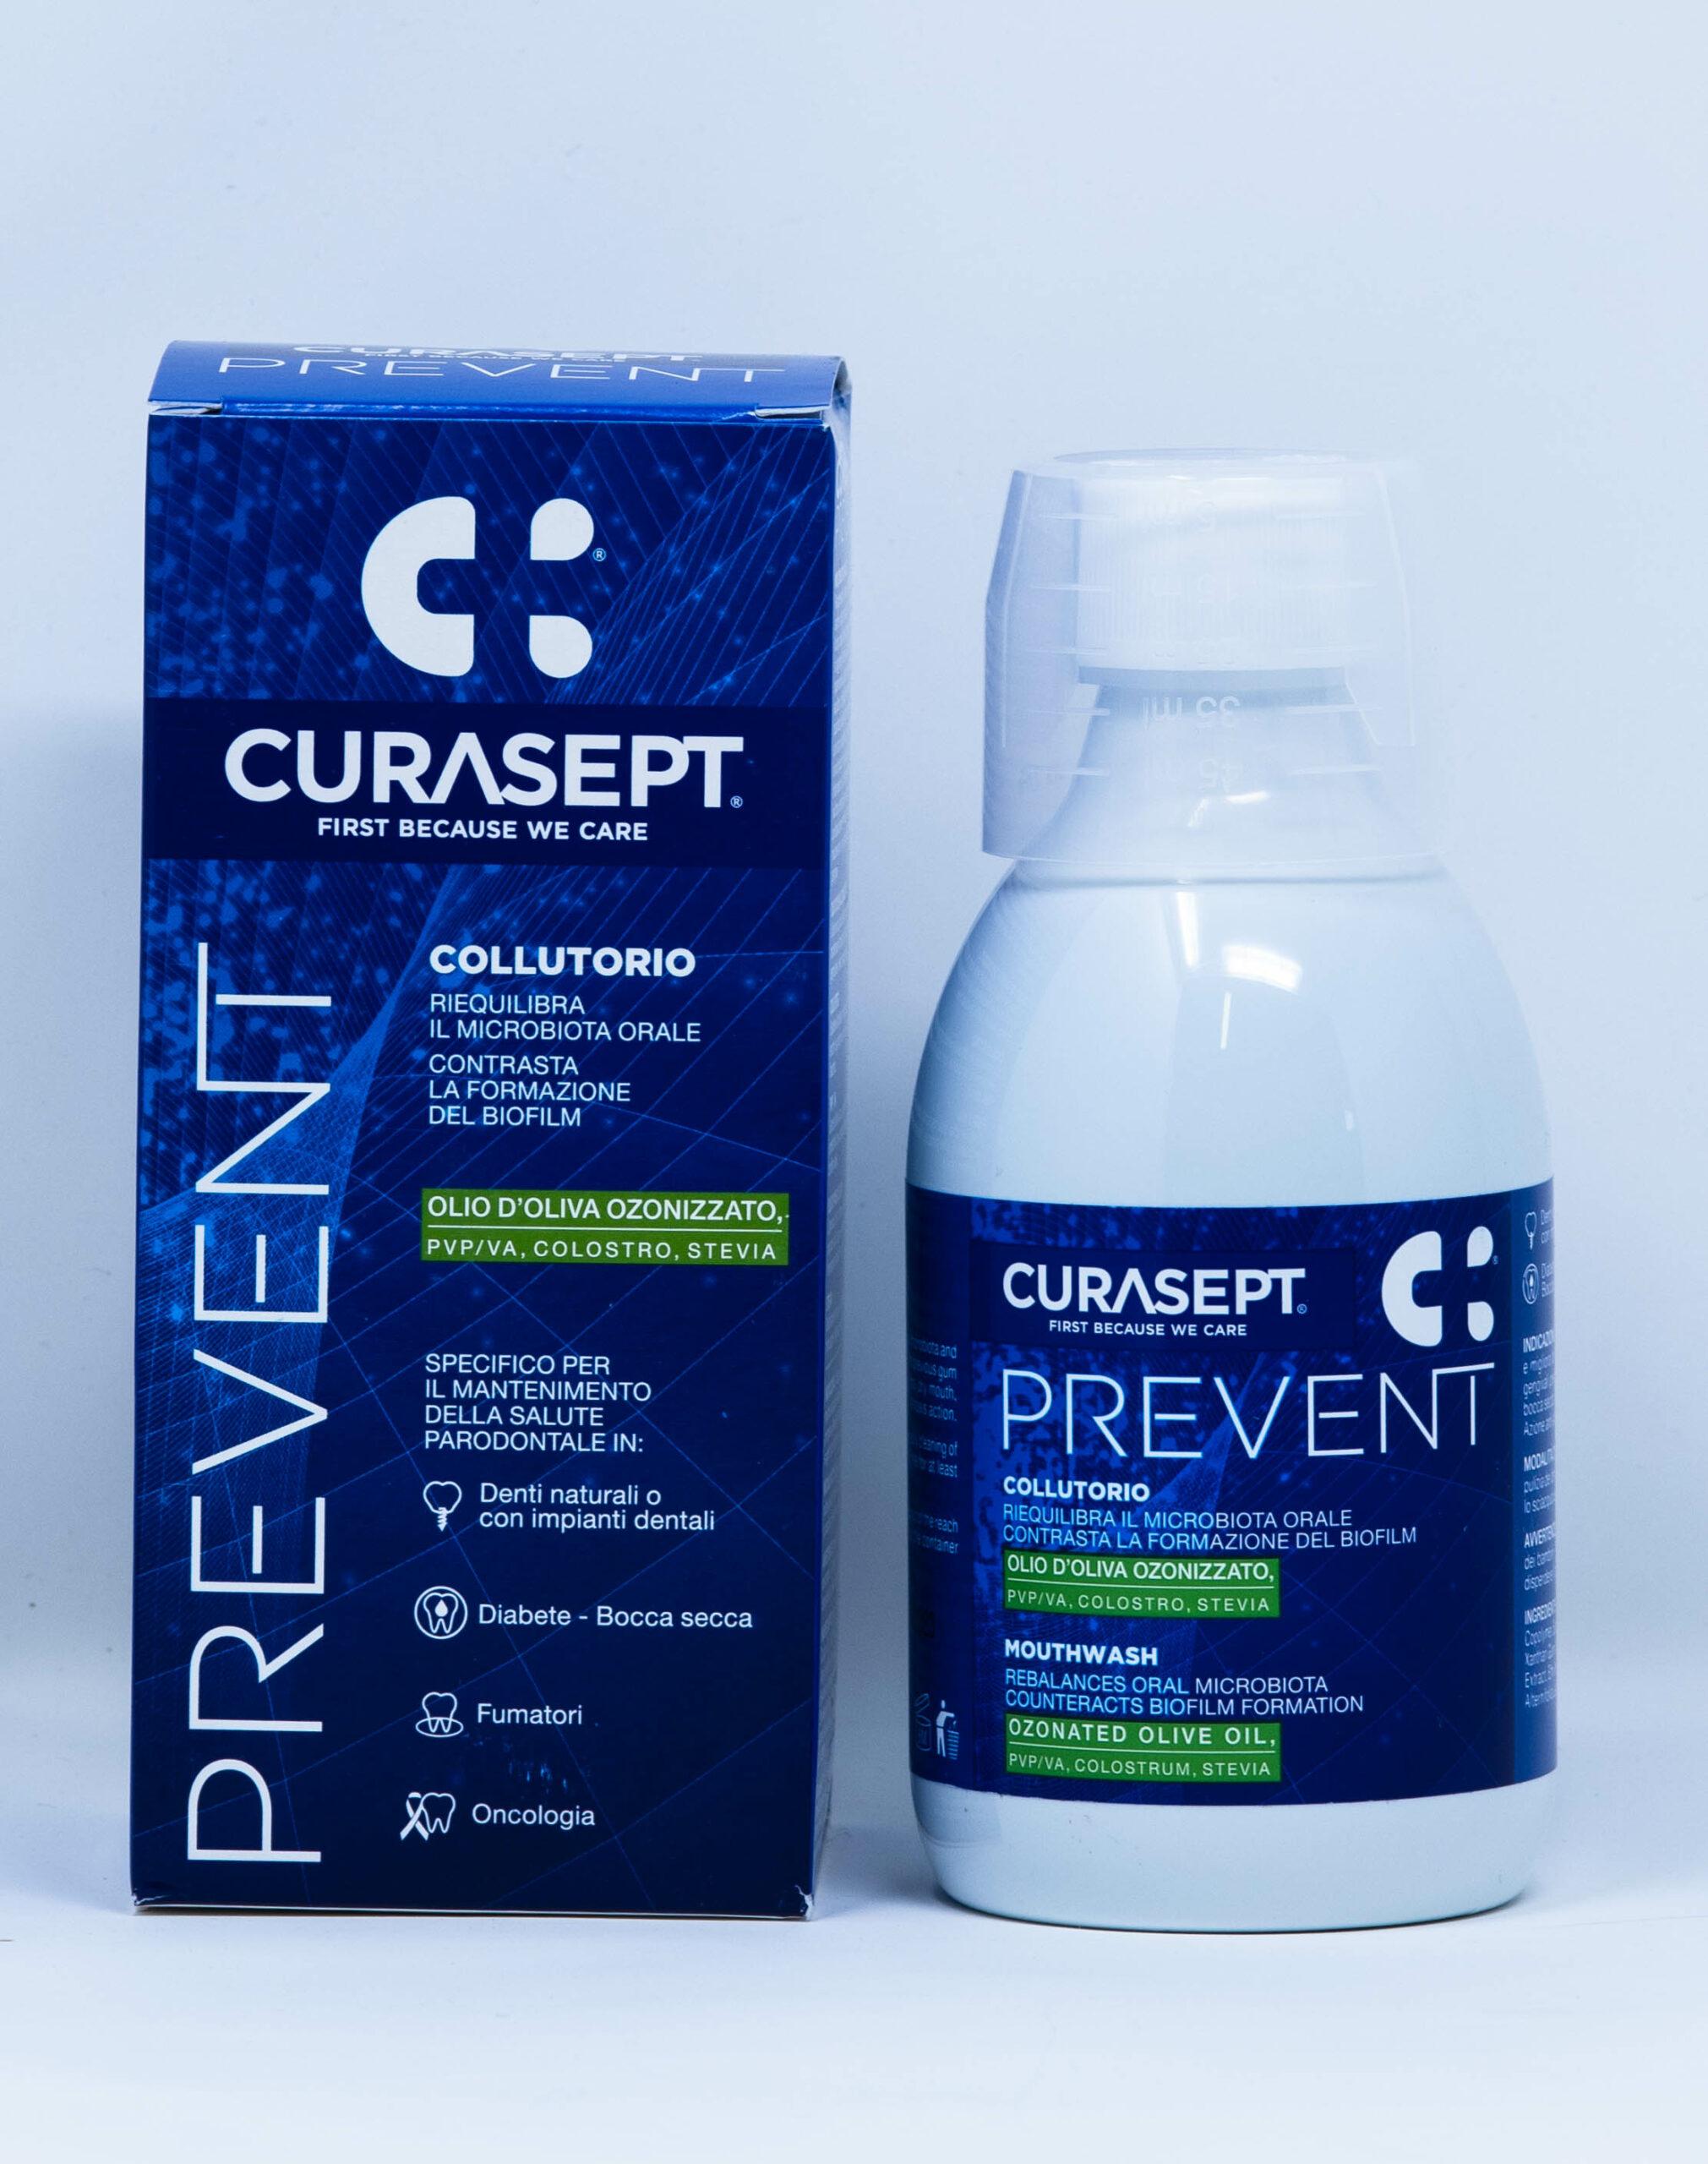 Curasept Collutorio Prevent - 300 ml